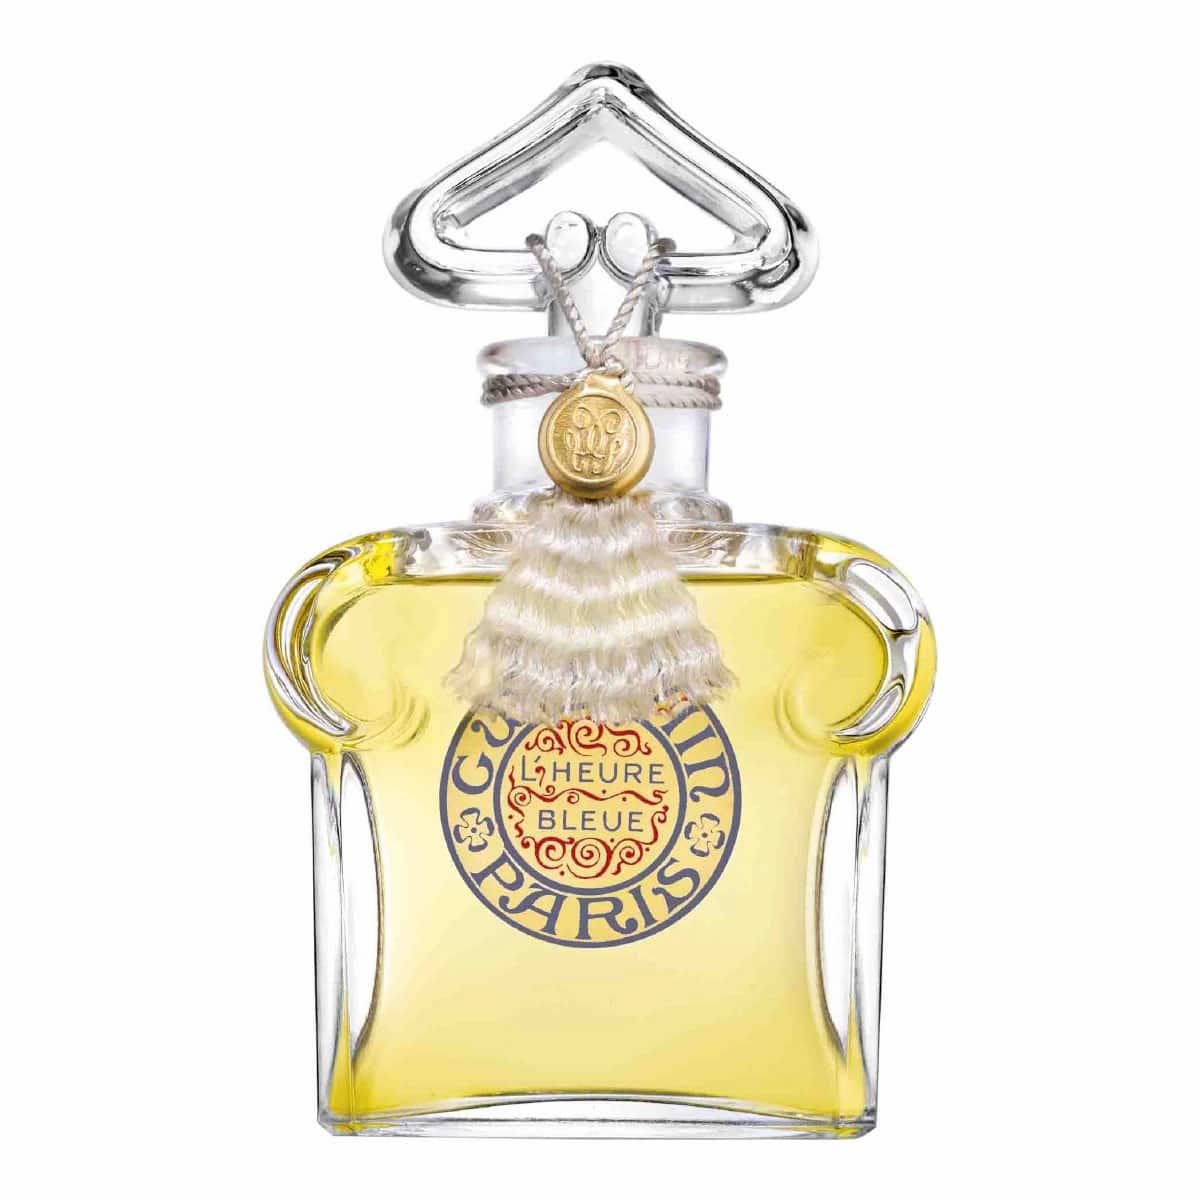 L'heure Bleue Extrait de Parfum - GUERLAIN